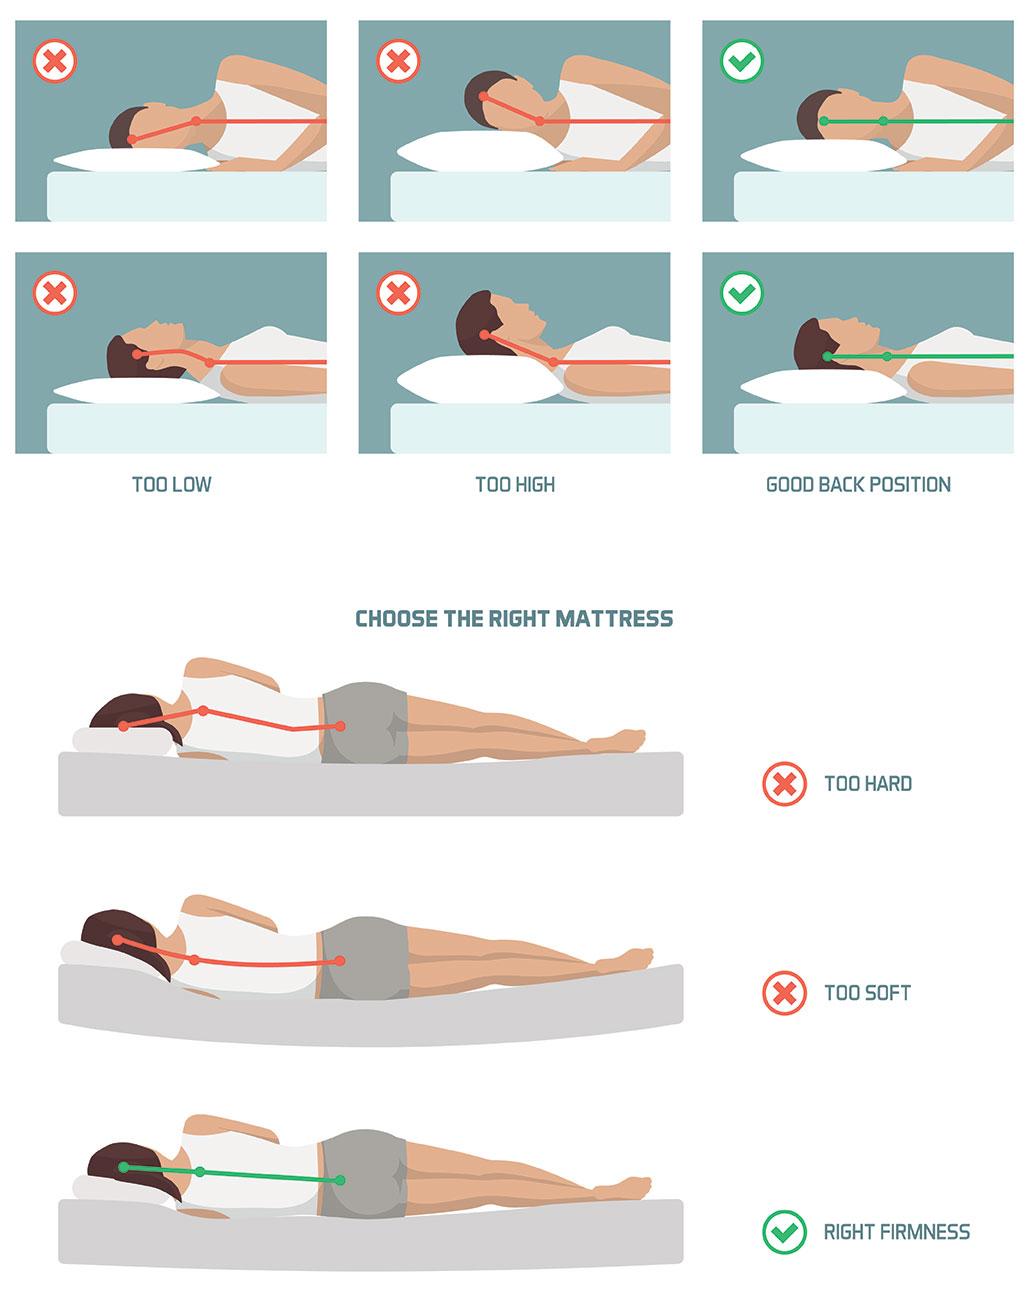 Il Miglior Materasso Per Dormire.Posizioni Corrette Per Dormire Bene Il Miglior Materasso